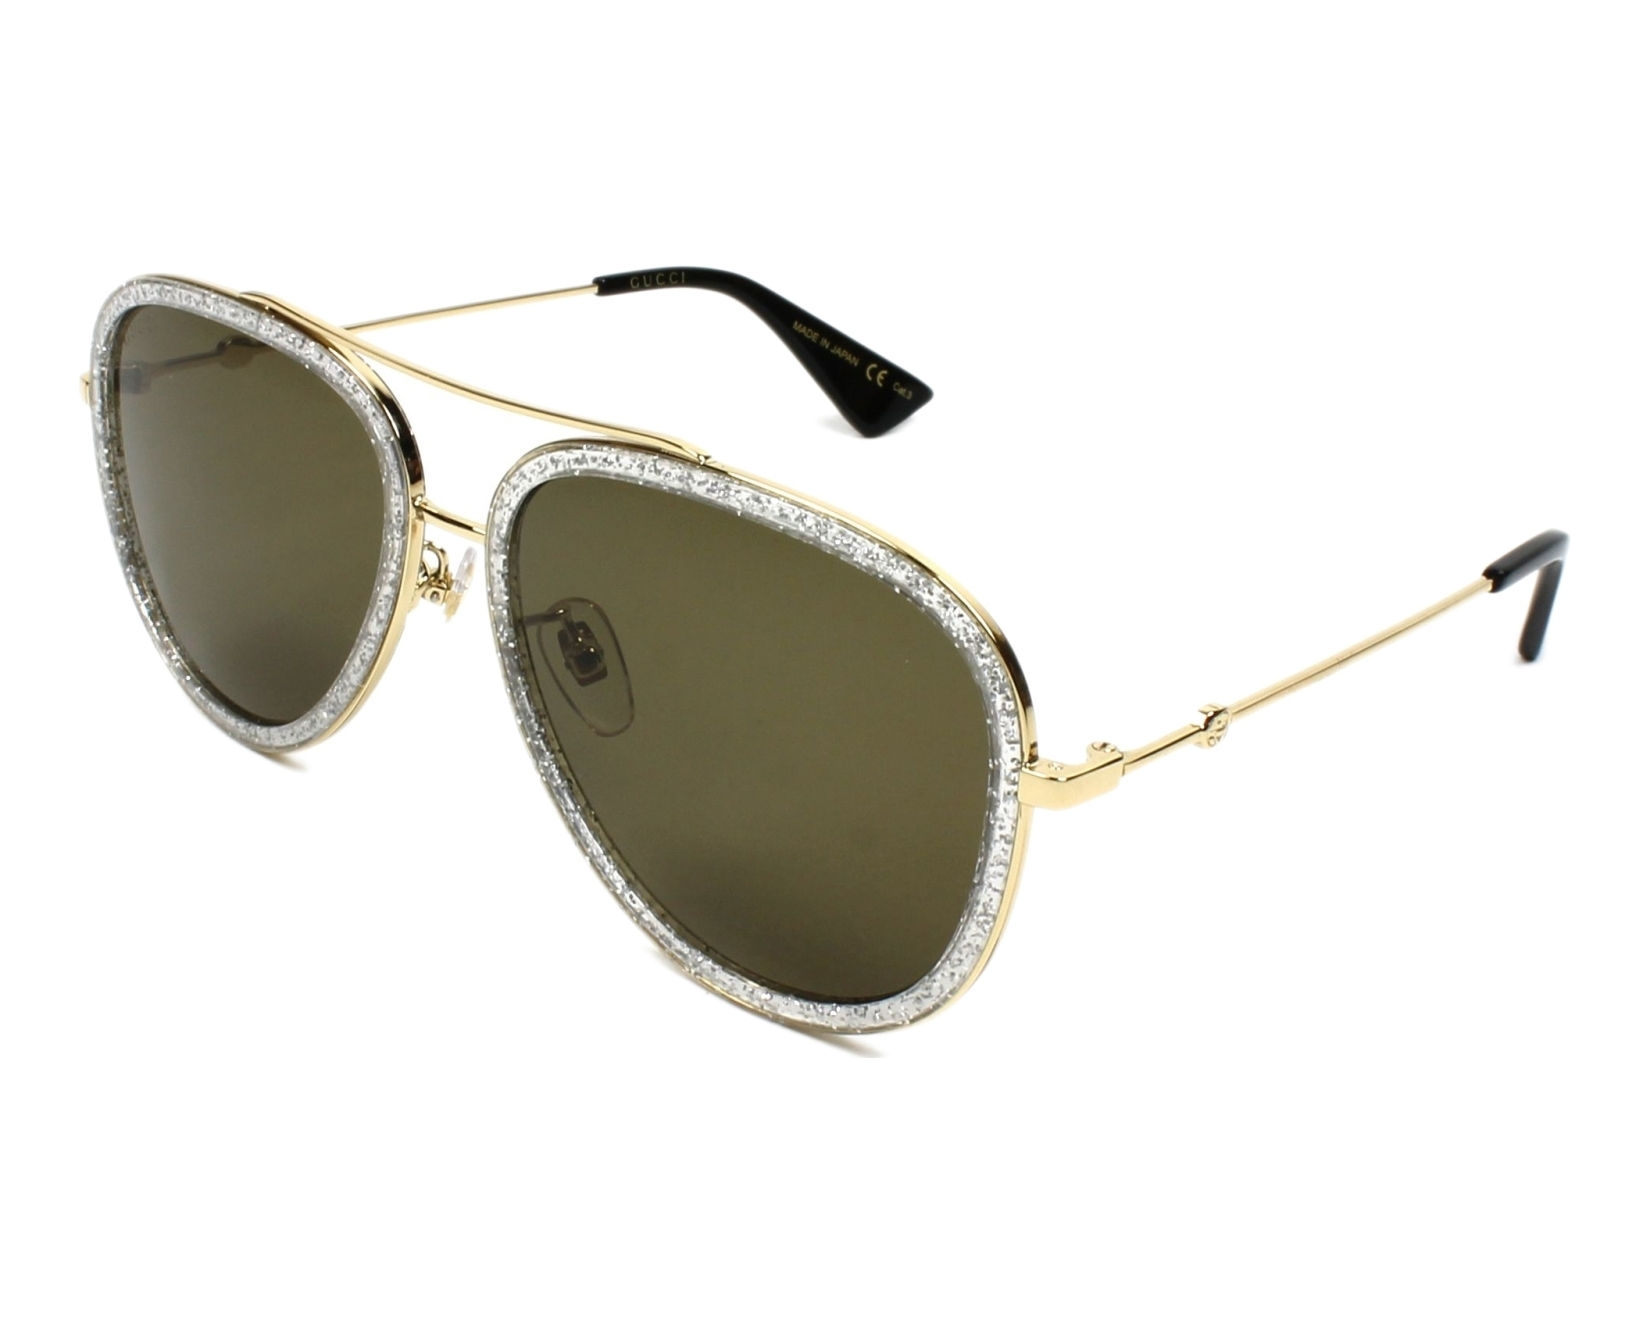 3e418199ae3 Gafas de sol Gucci GG-0062-S 004 - Oro Cristal vista de perfil